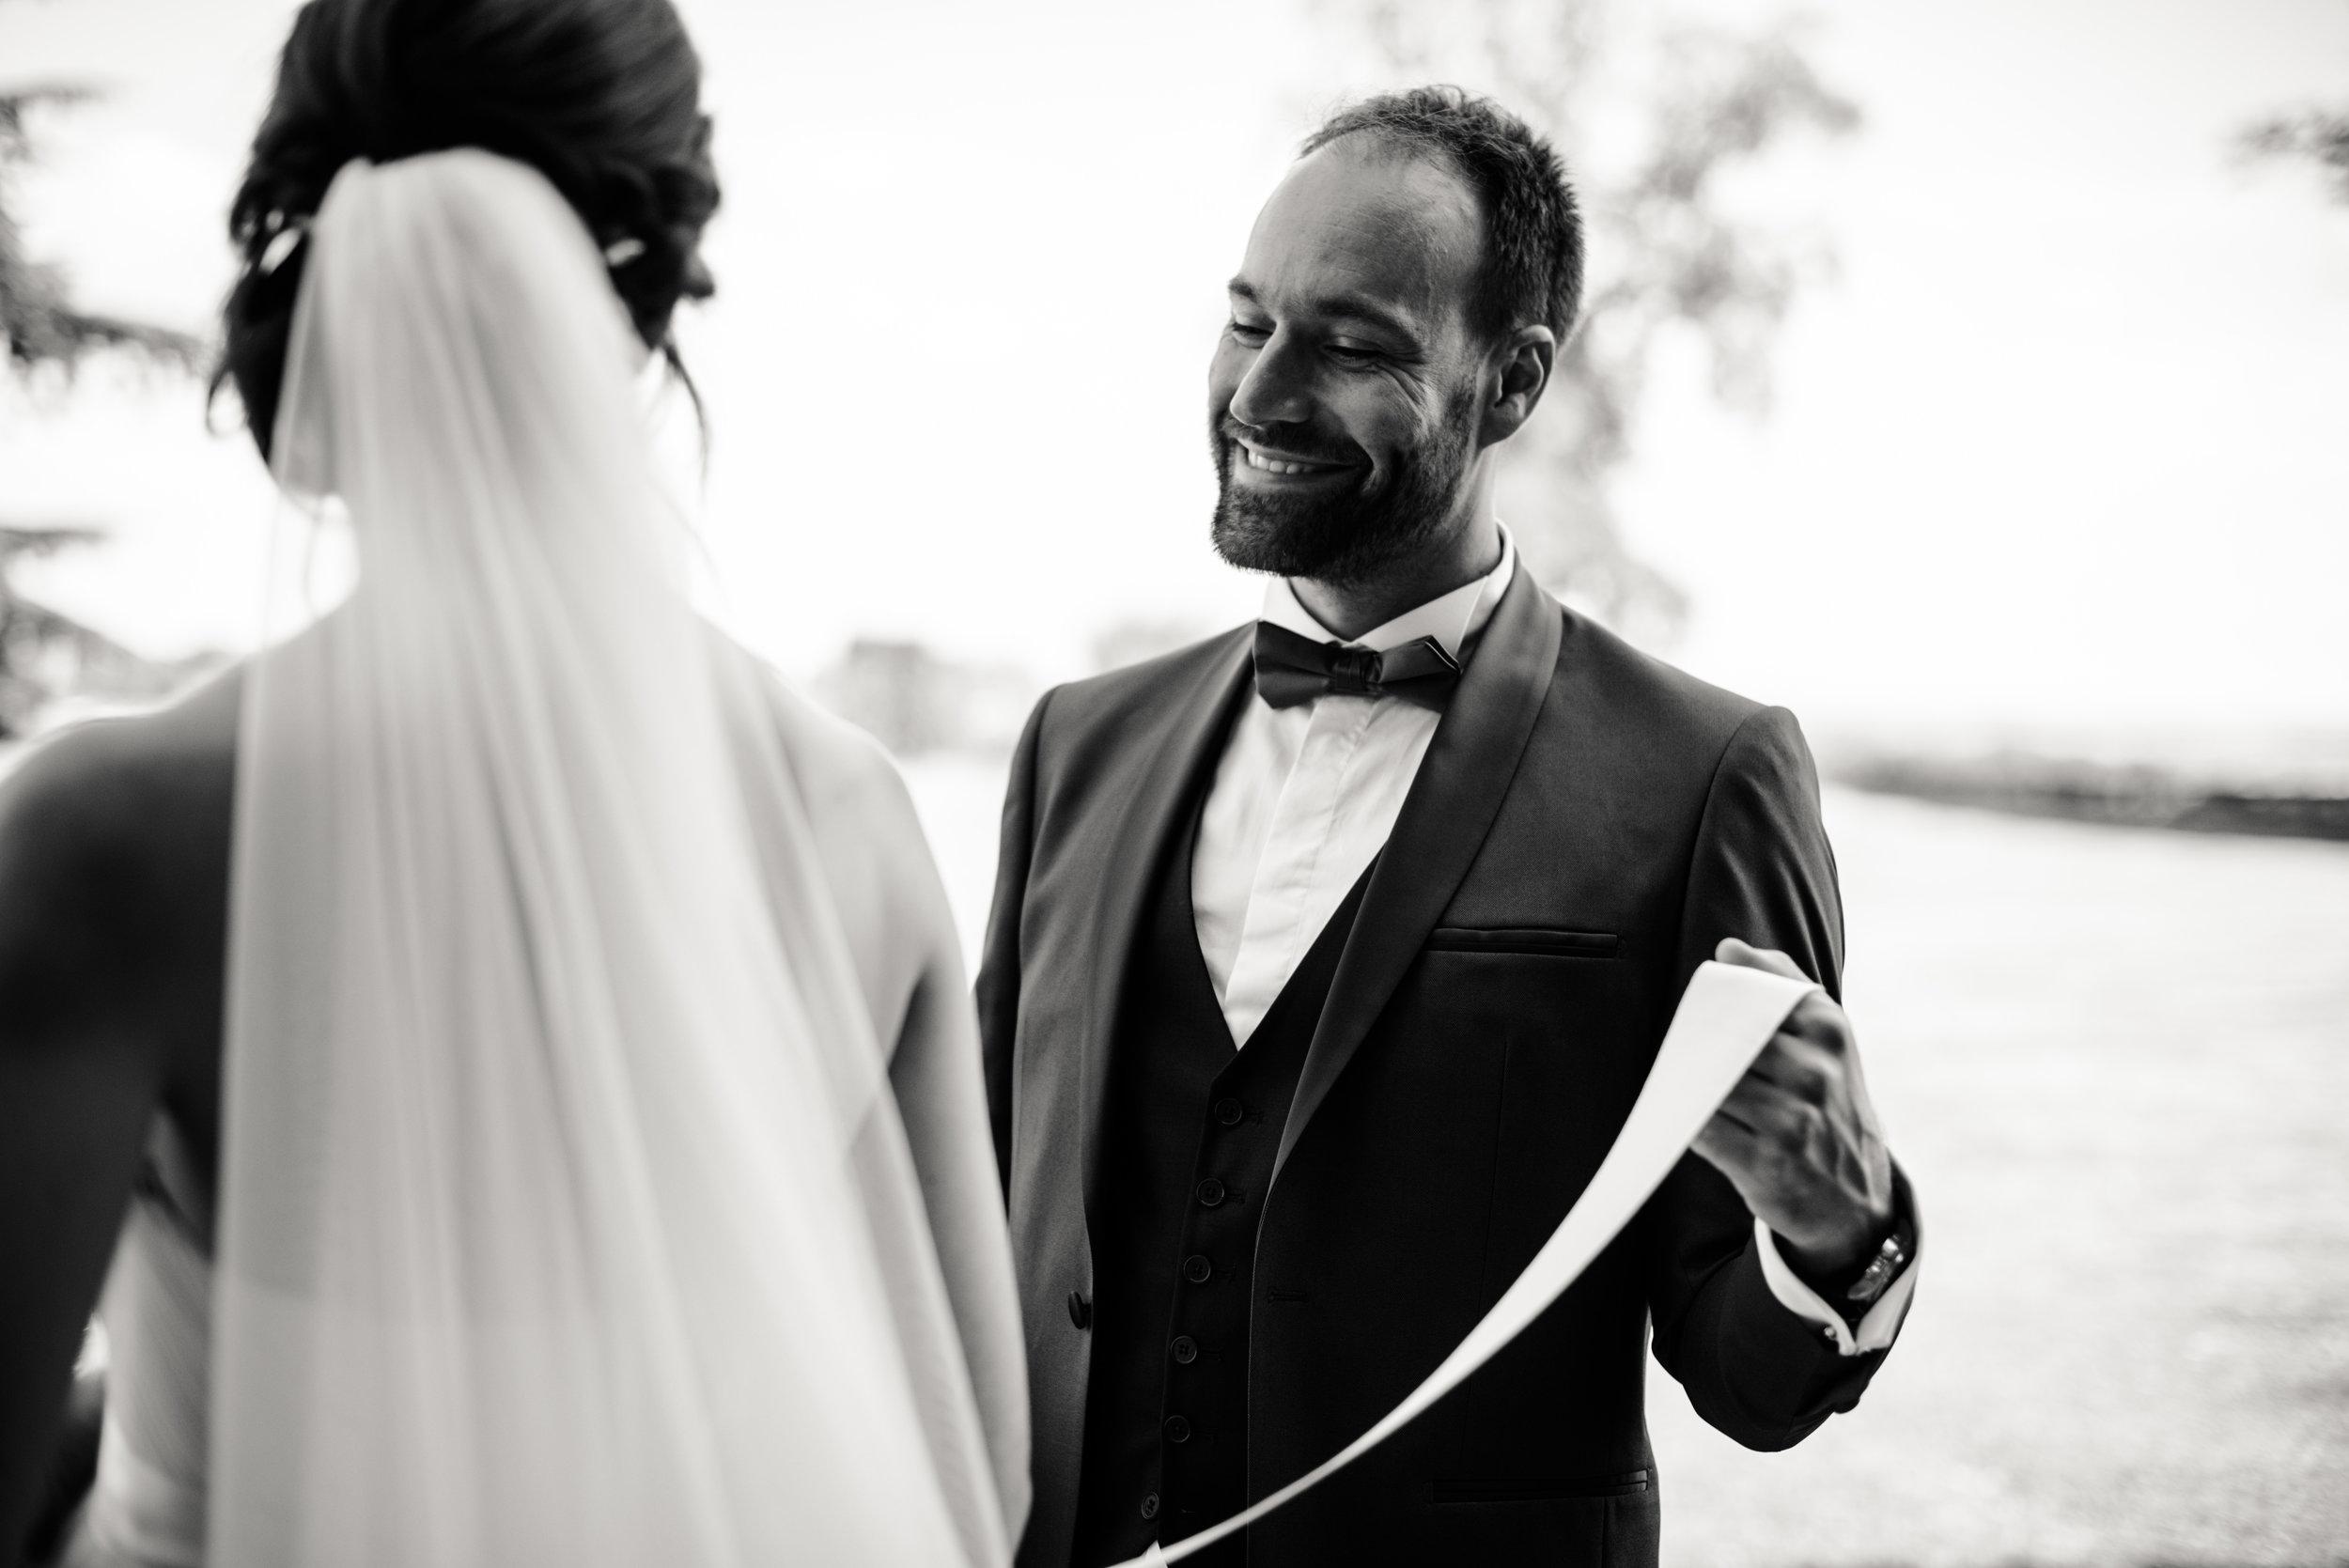 Léa-Fery-photographe-professionnel-lyon-rhone-alpes-portrait-creation-mariage-evenement-evenementiel-famille-8472.jpg